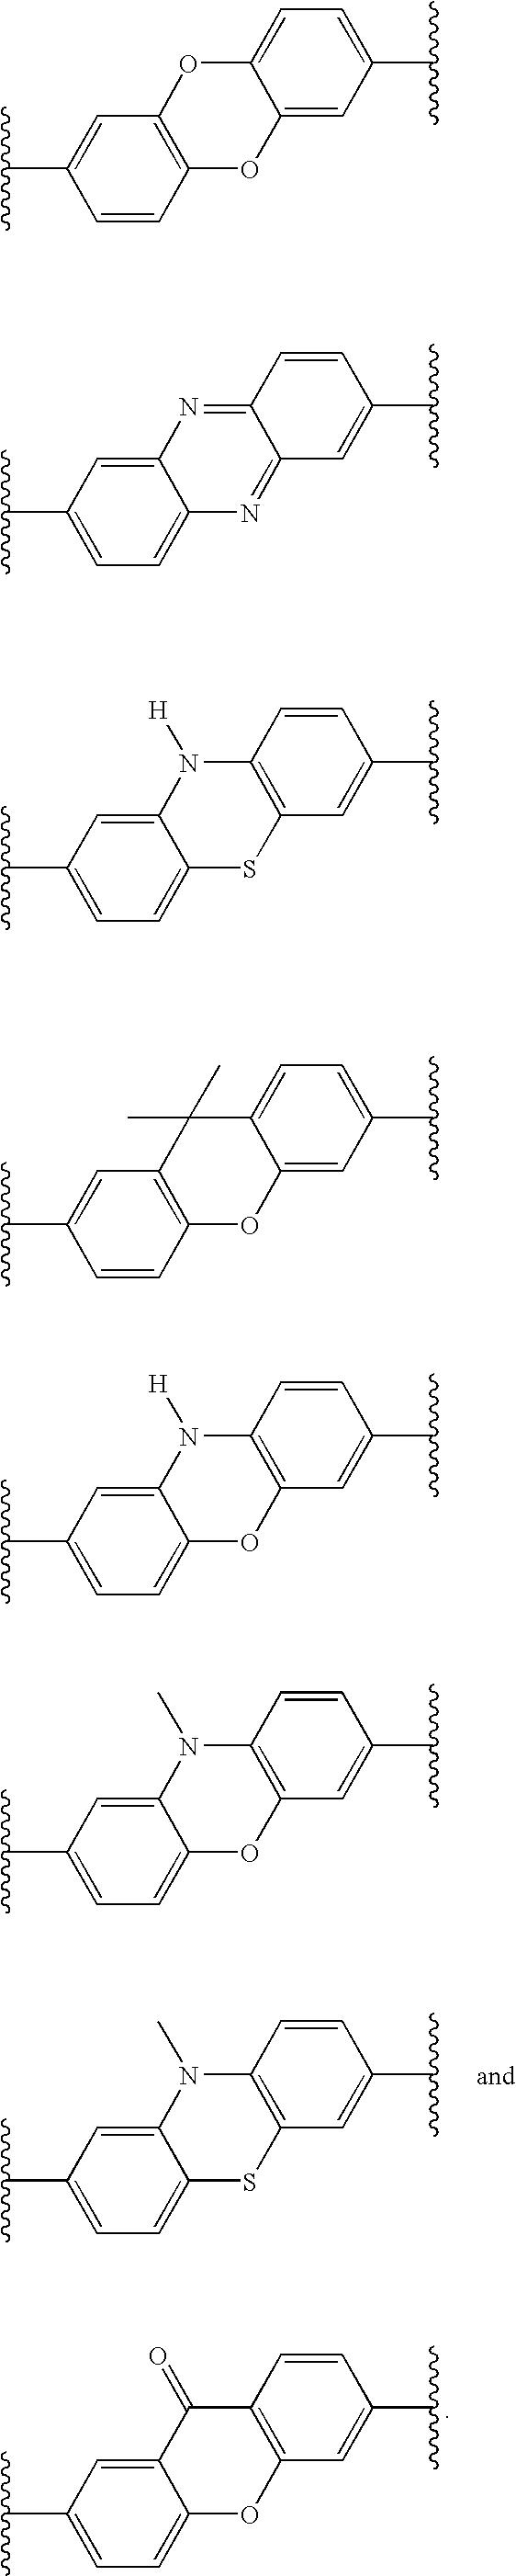 Figure US08088368-20120103-C00114